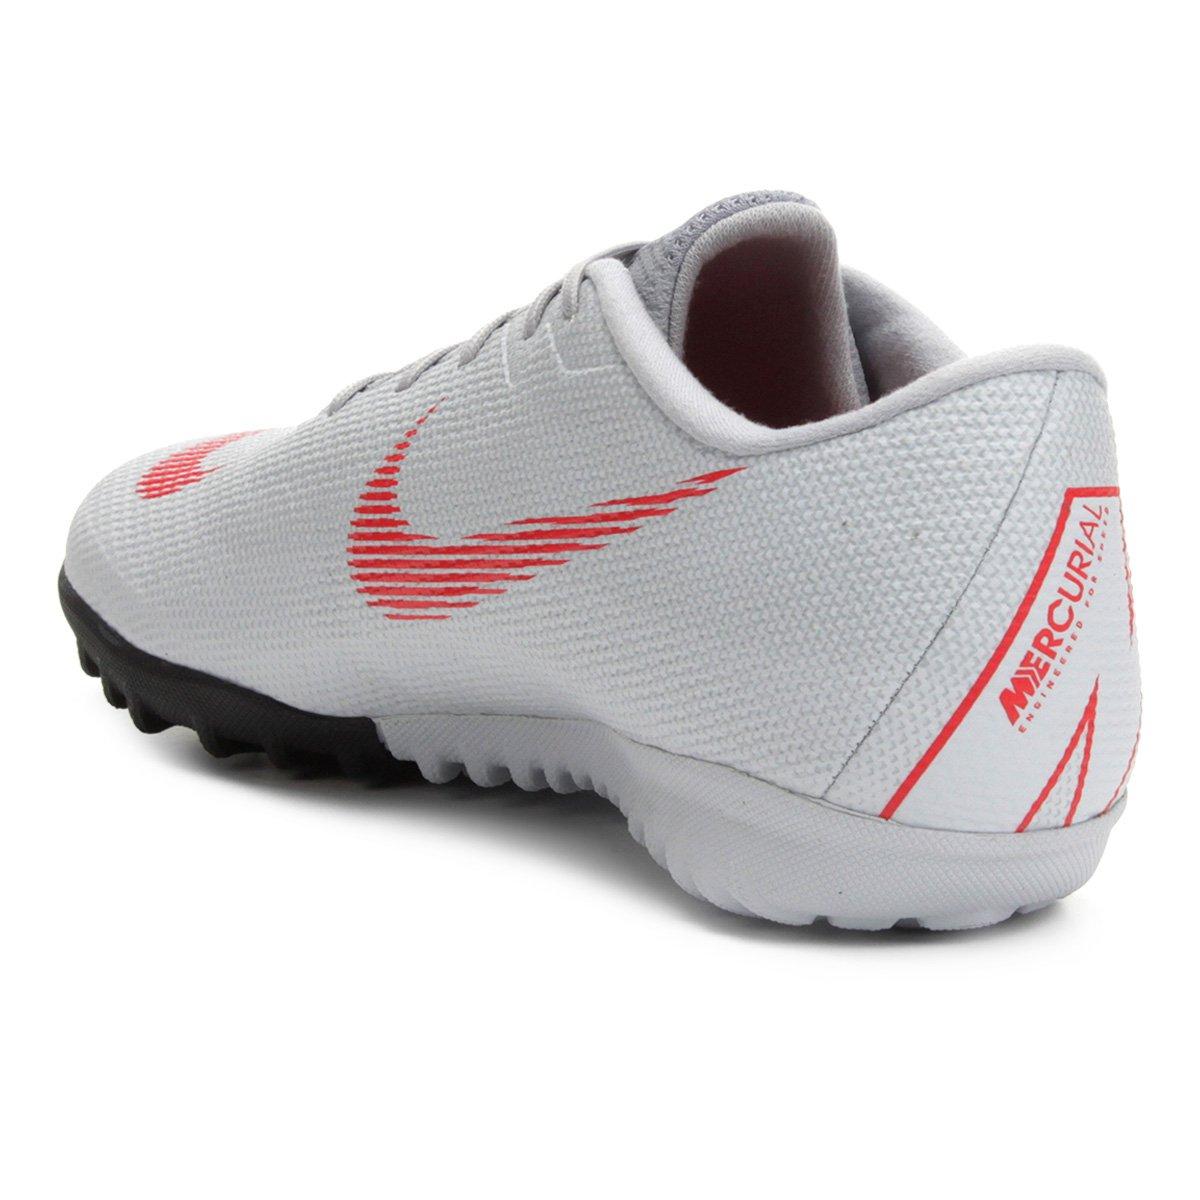 Chuteira Society Nike Mercurial Vapor 12 Academy - Preto e Cinza ... c7d95da8264a1